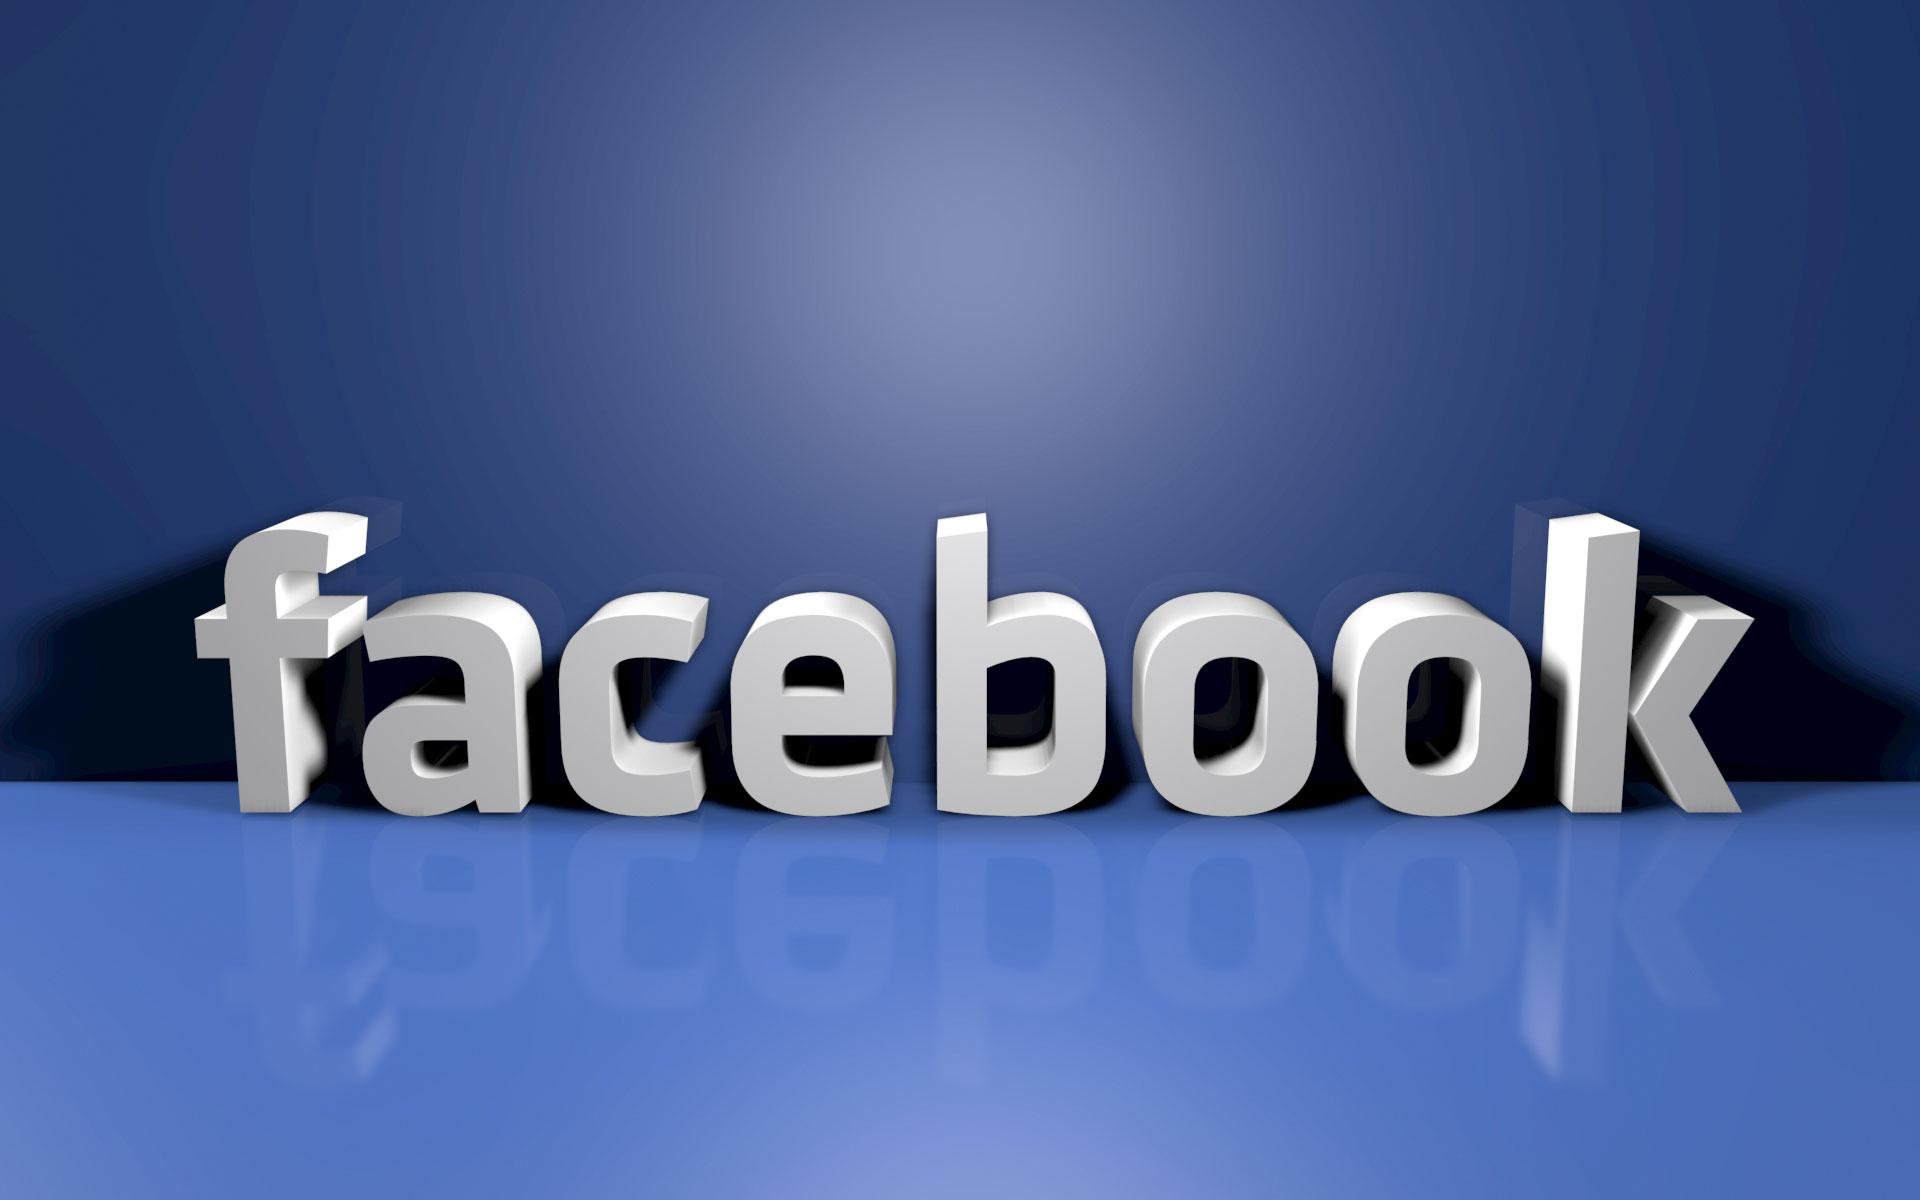 Социальная сеть Facebook тестирует рекламный формат для продвижения закупок онлайн